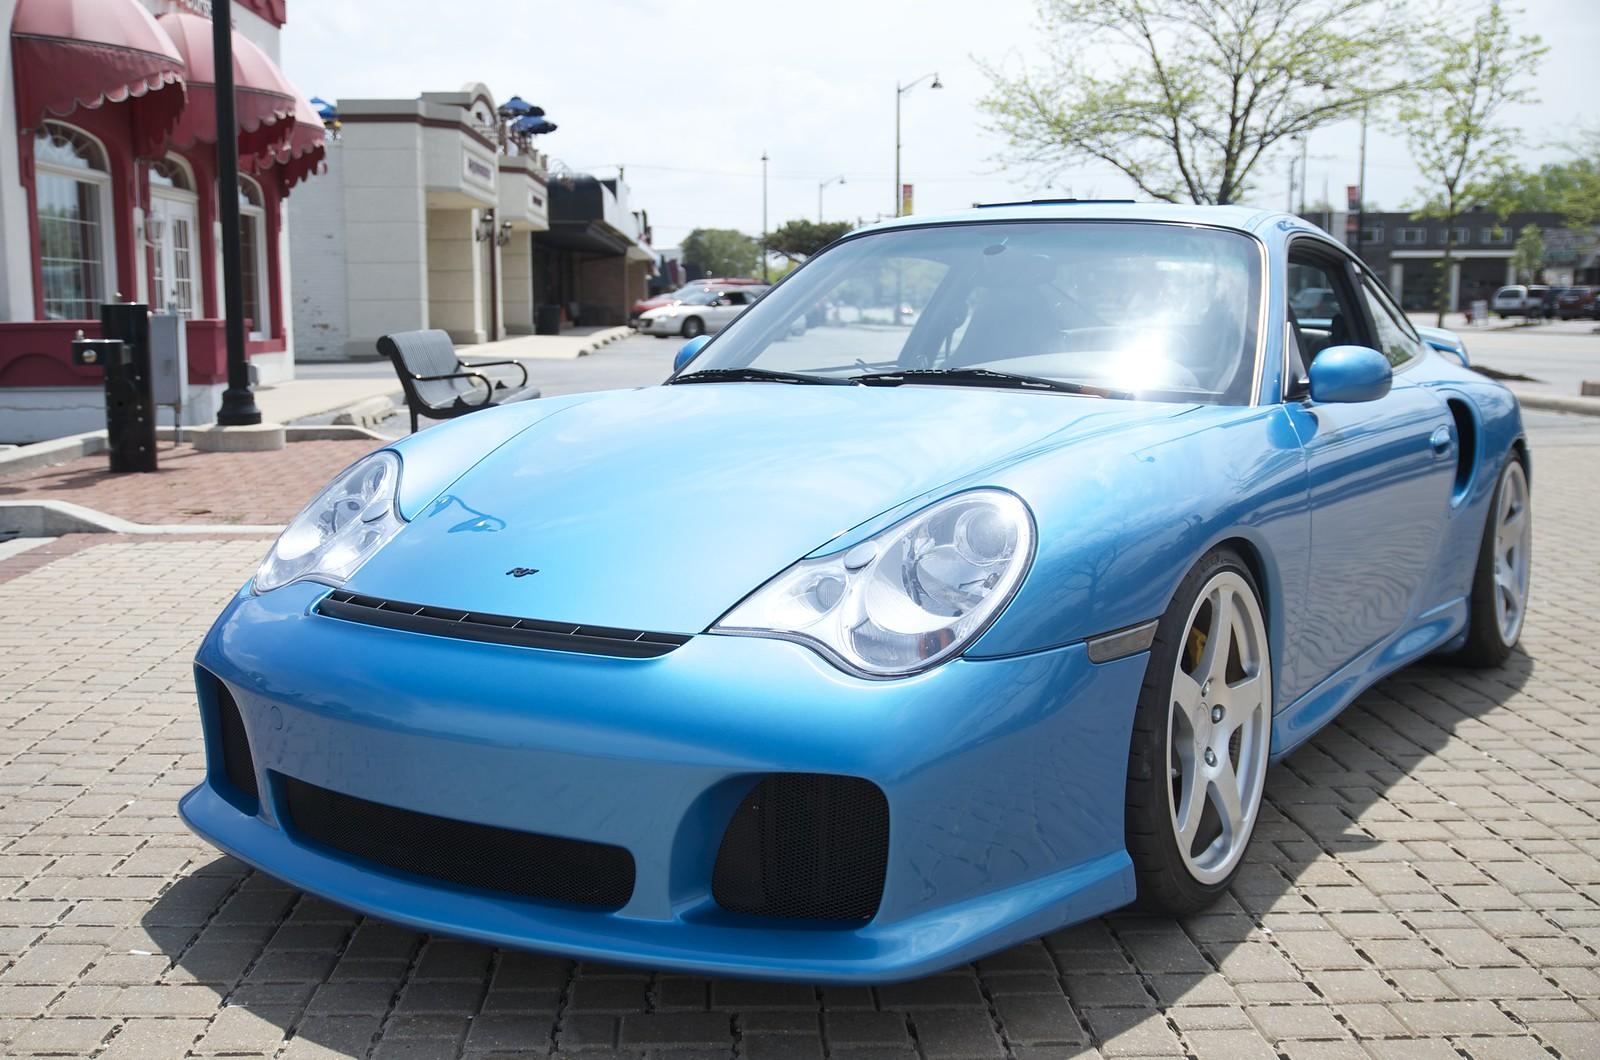 Minerva Blue 996 Turbo With Ruf Rturbo Conversion Over